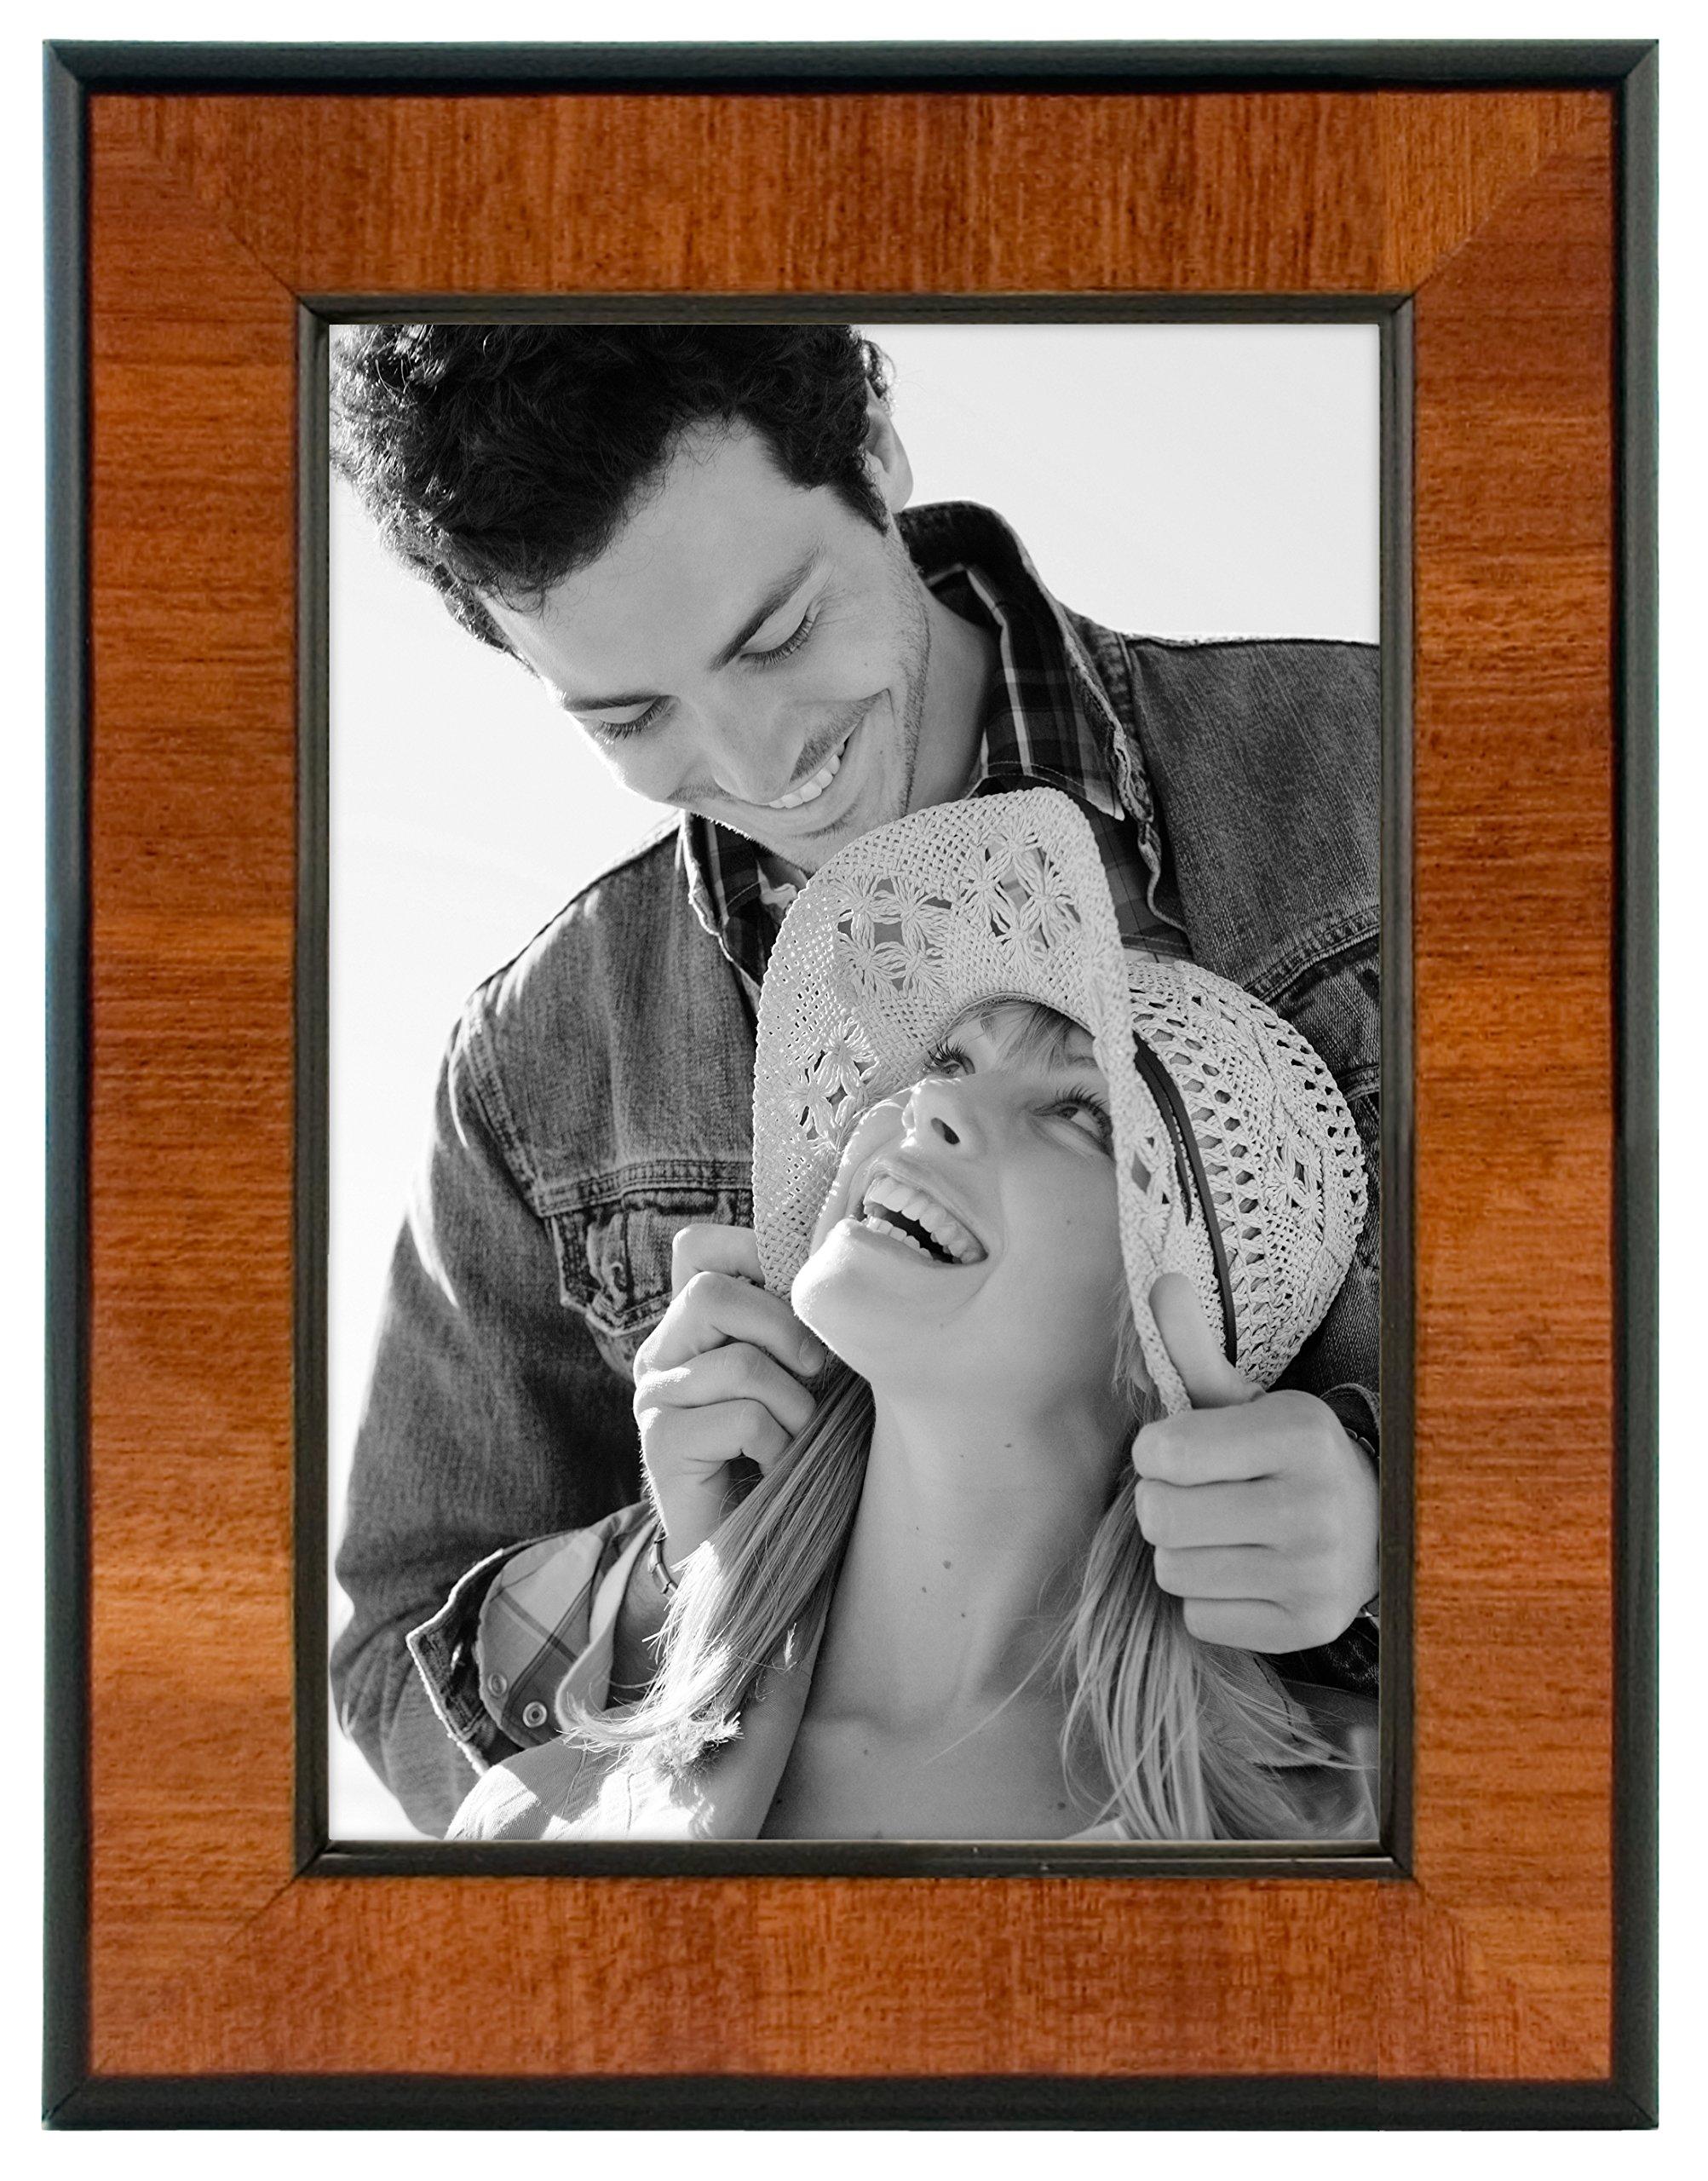 Malden International Designs Burl Wood Walnut Wooden Picture Frame with Black Border, 5x7, Walnut by Malden International Designs